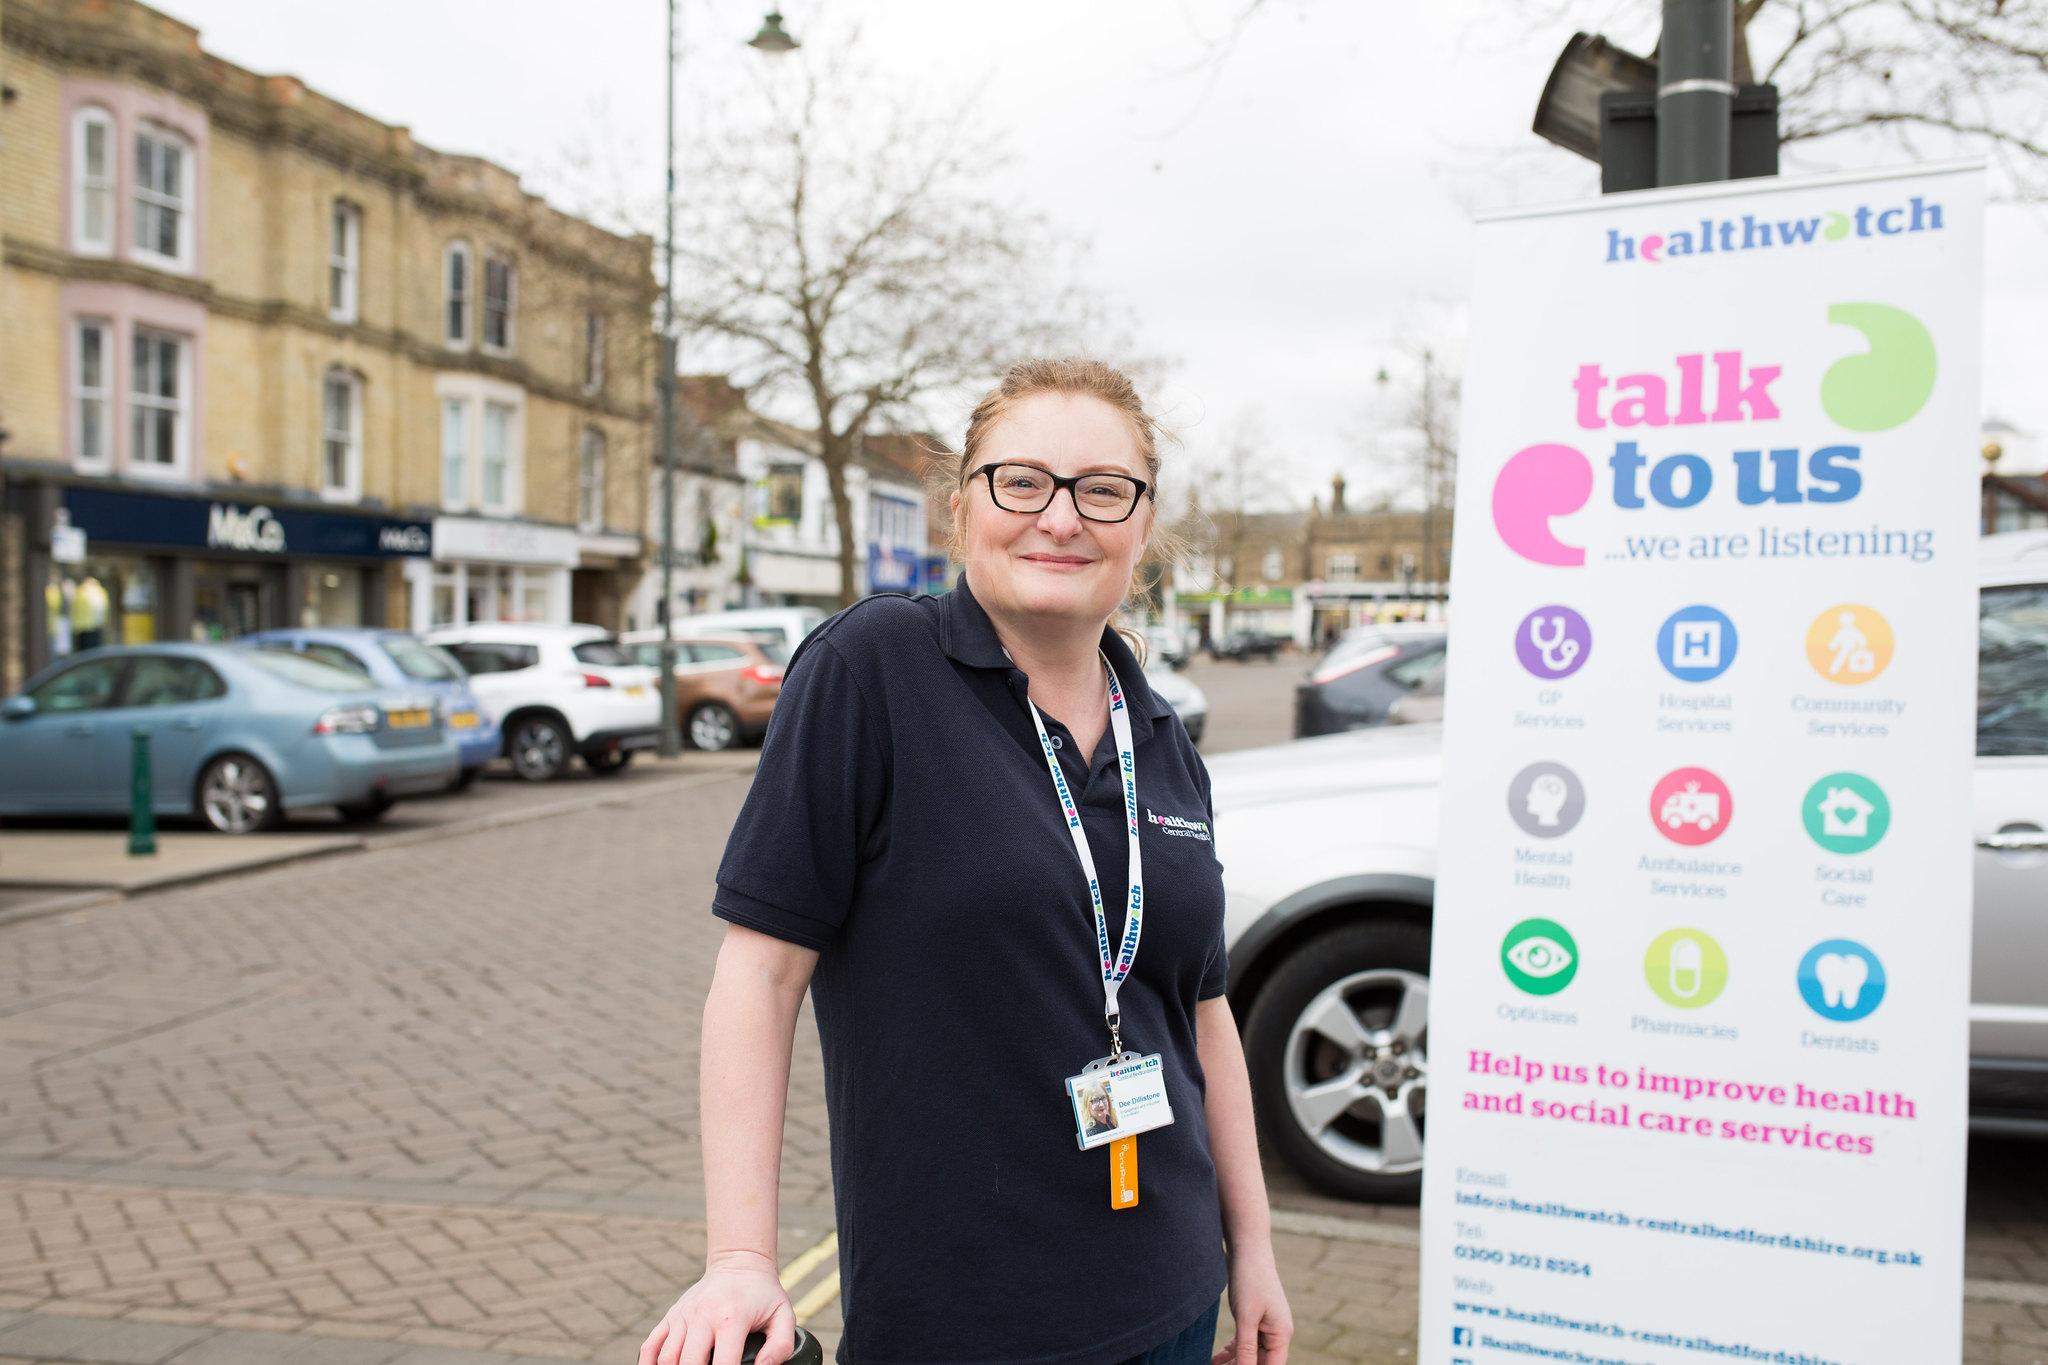 Healthwatch volunteer smiling